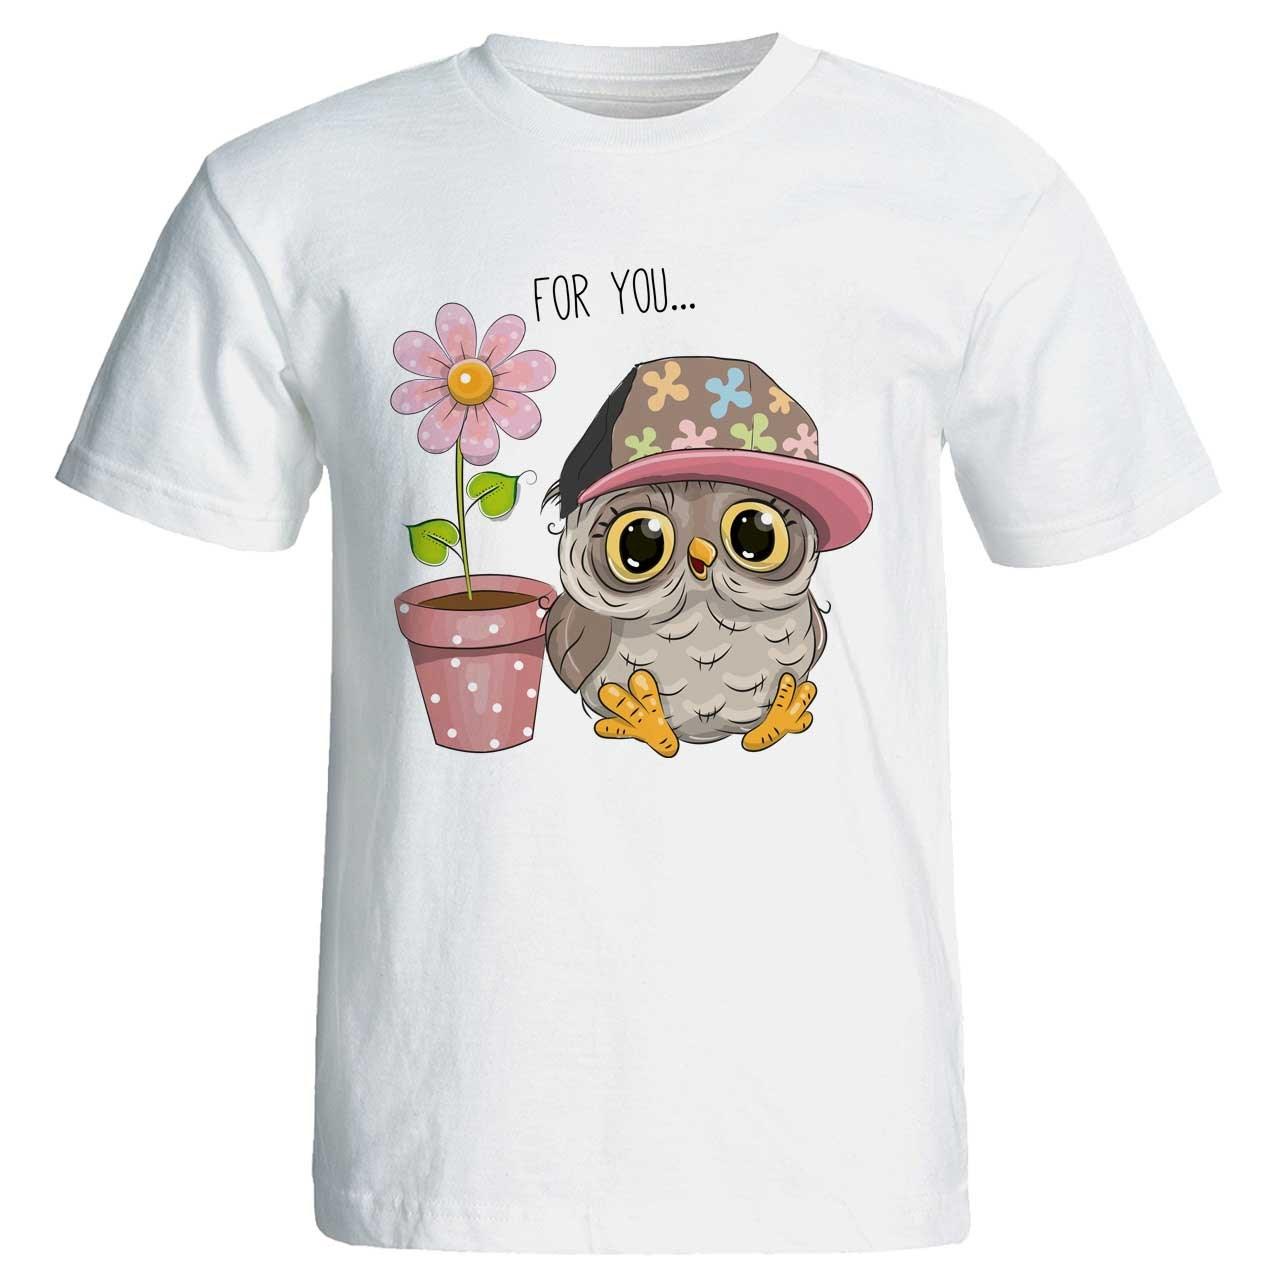 قیمت تی شرت زنانه پارس طرح کارتونی کد 3739